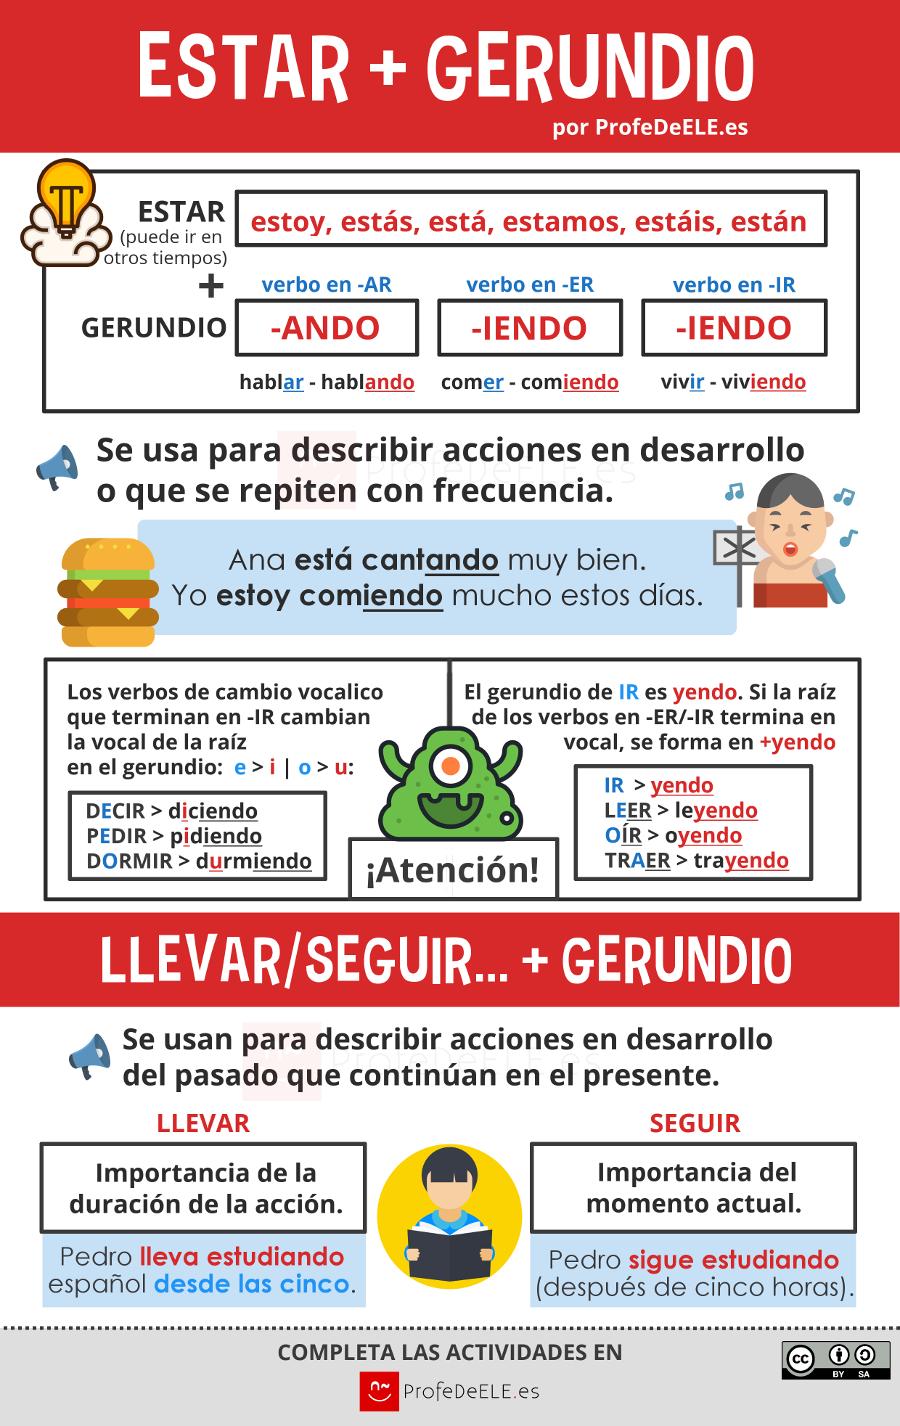 Estar Gerundio Nivel A1 Descárgala En Alta Calidad Y Completa Las Actividades En H Aprender Español Ejercicios Para Aprender Español Gramática Del Español